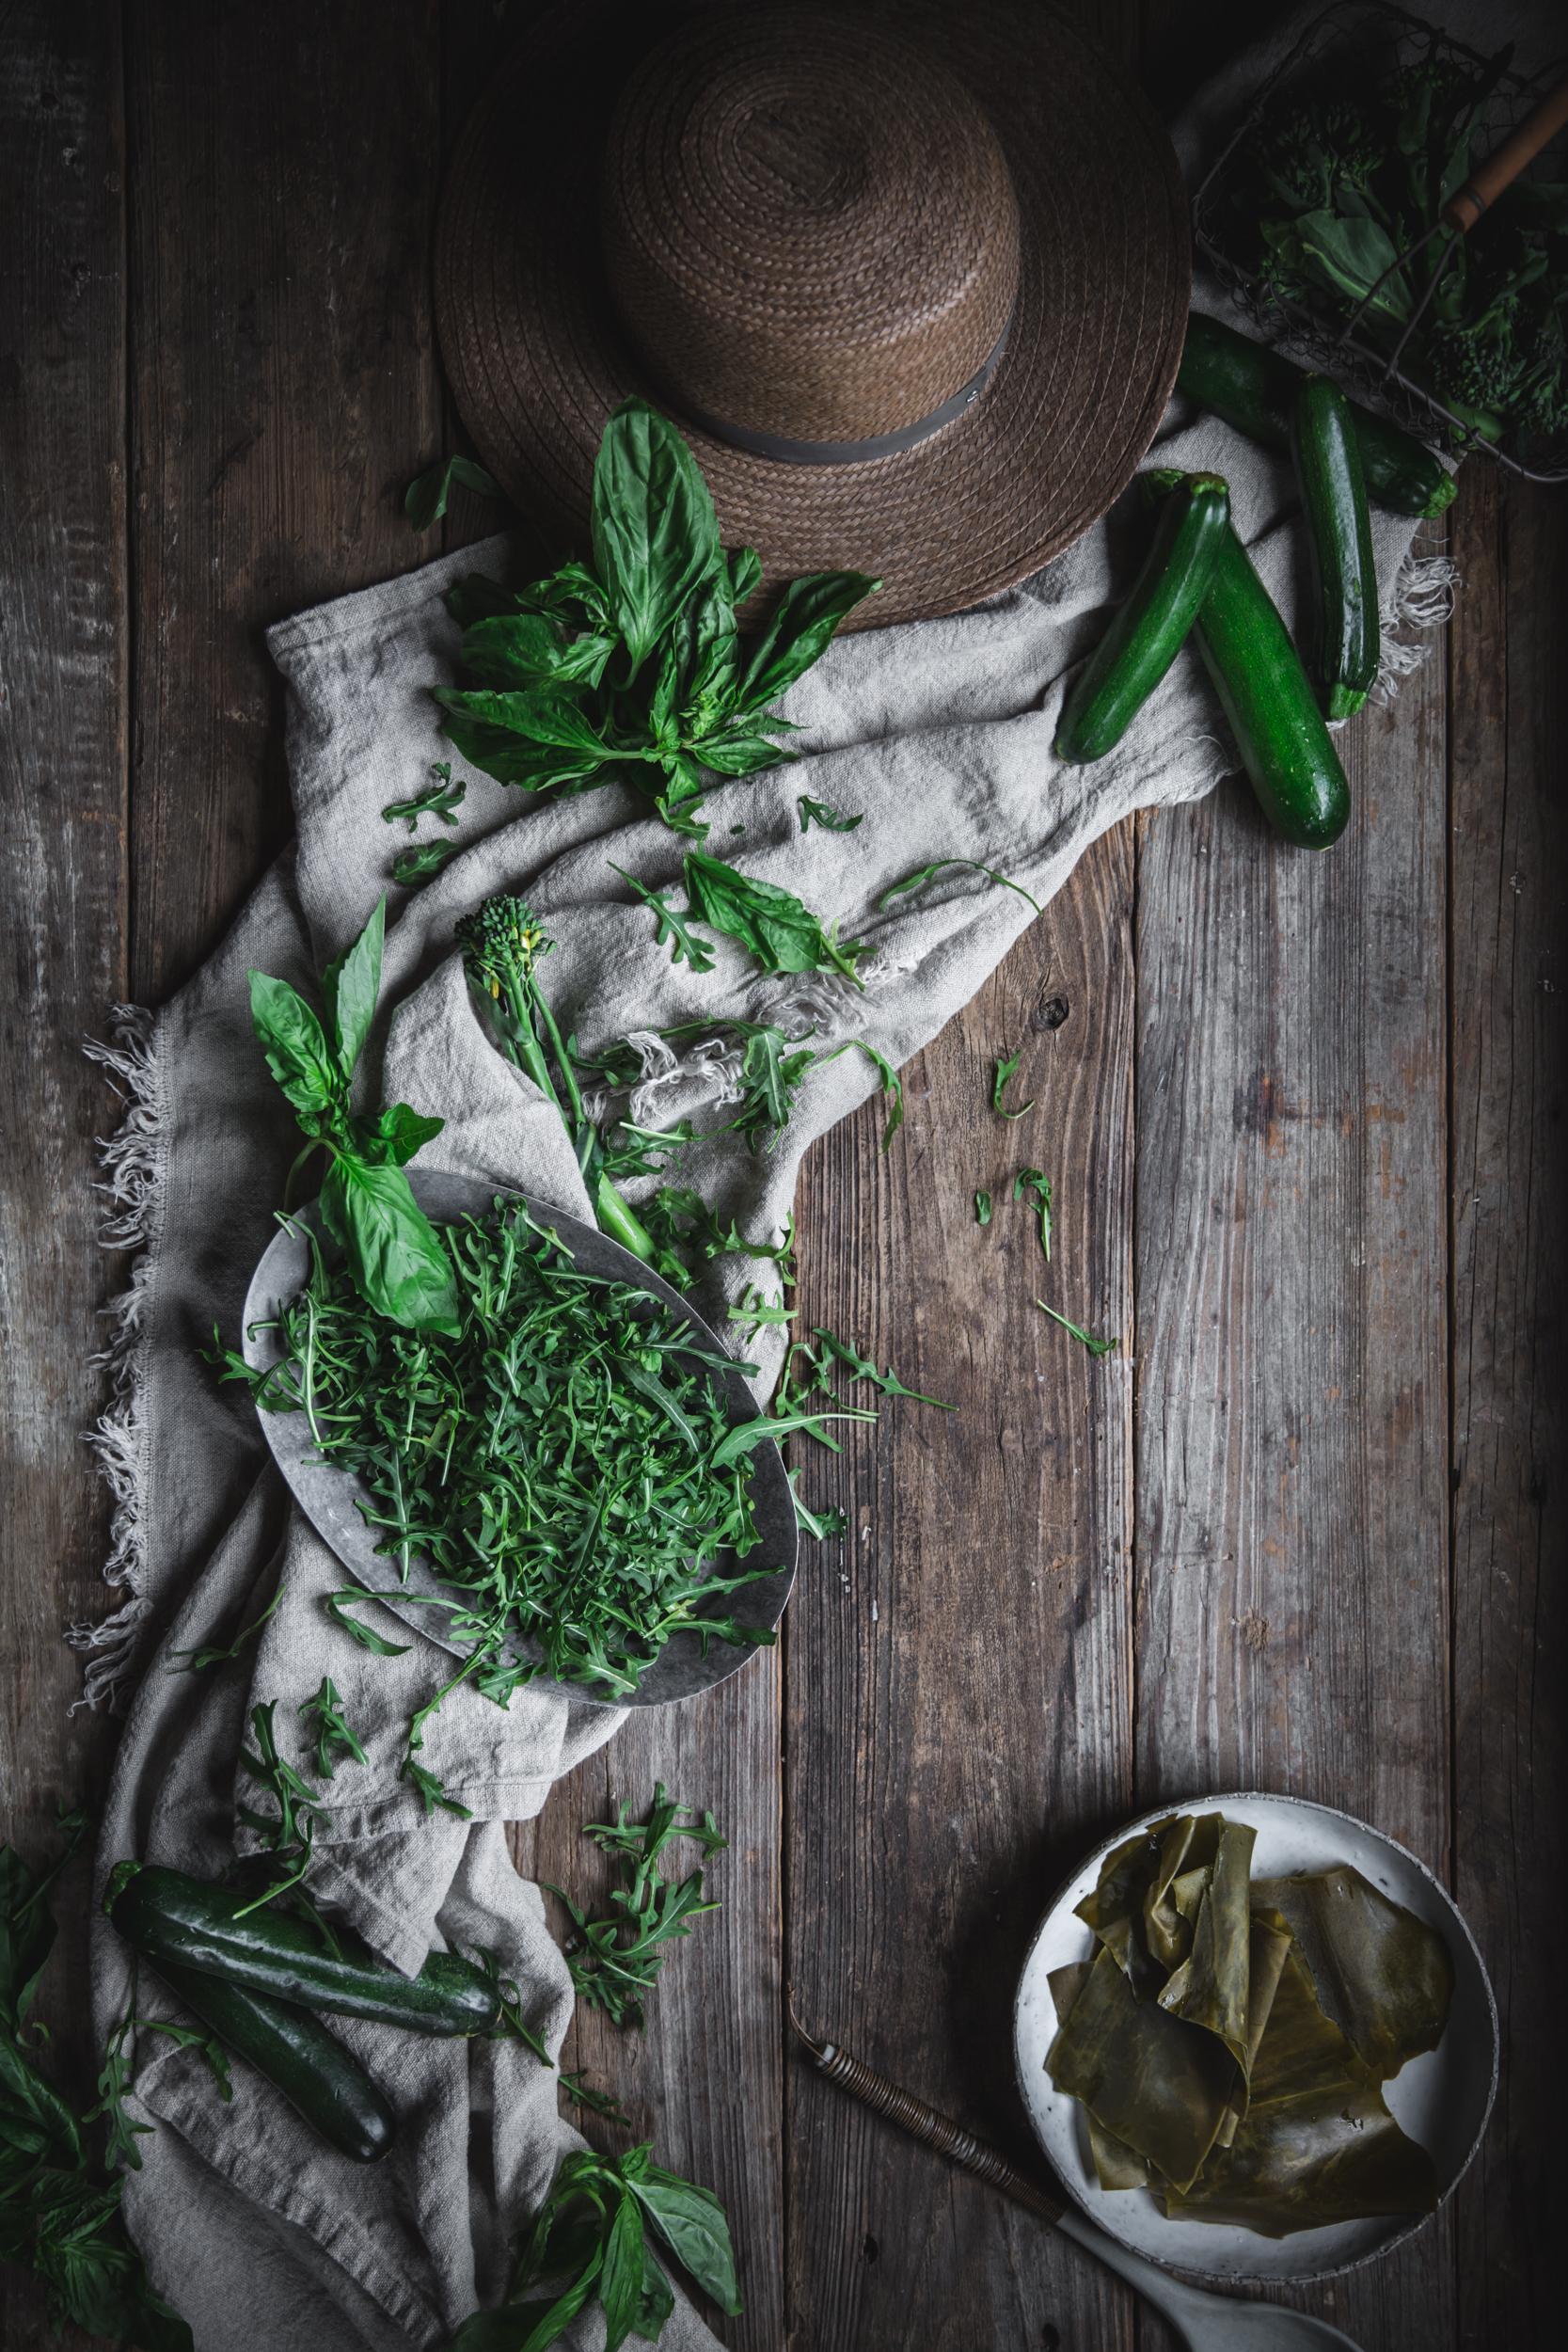 Zucchini Spaghetti with Seaweed Pesto